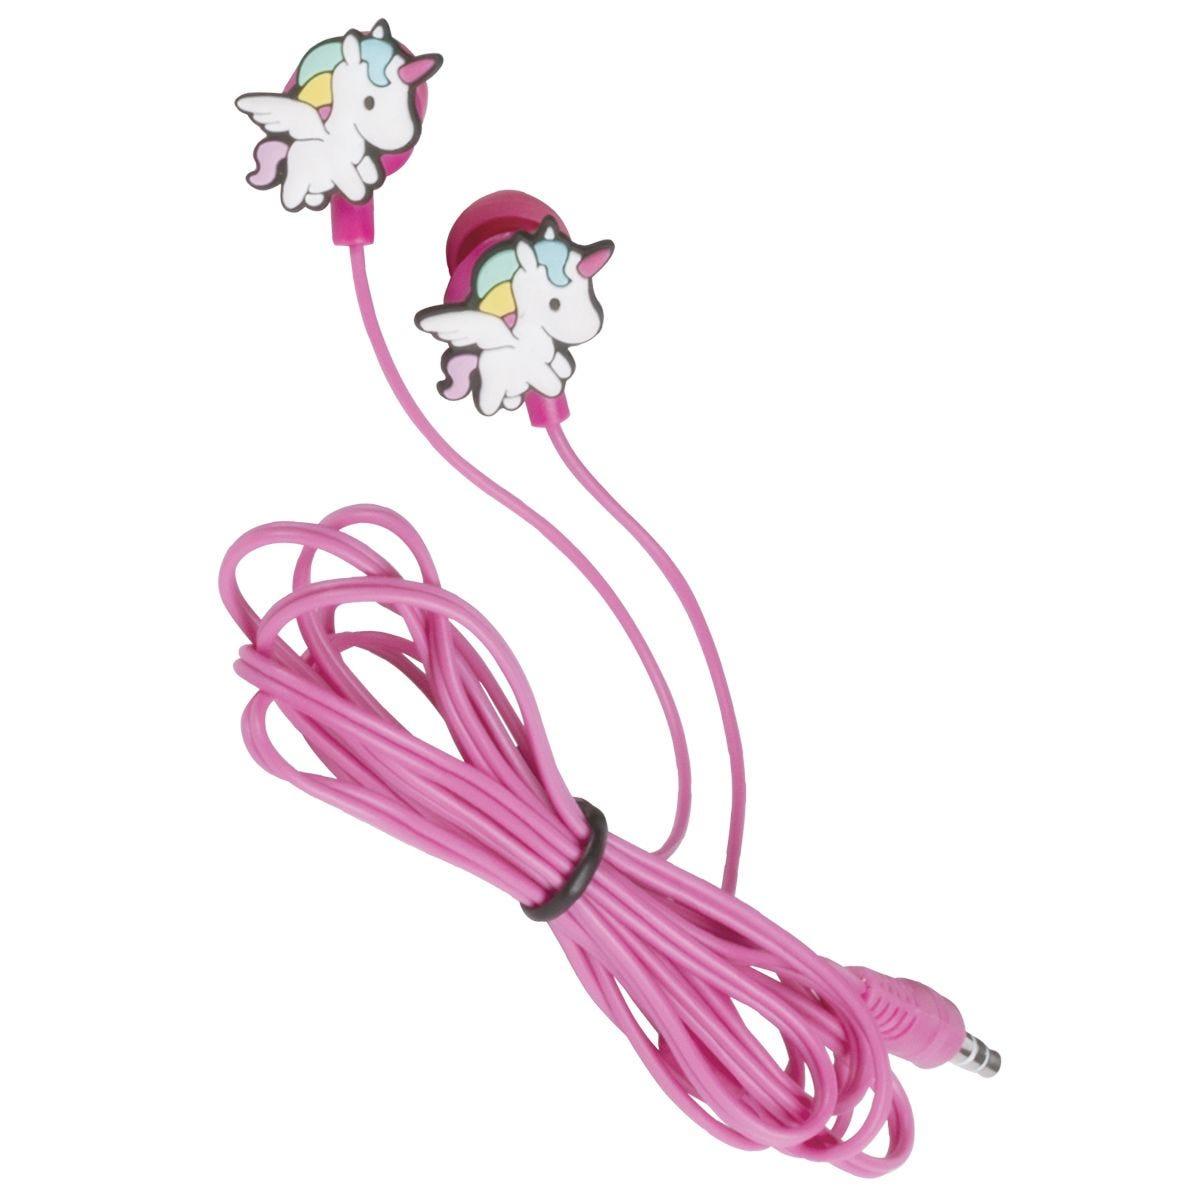 Konix Uni-k Unicorn Gaming Earphones - Pink